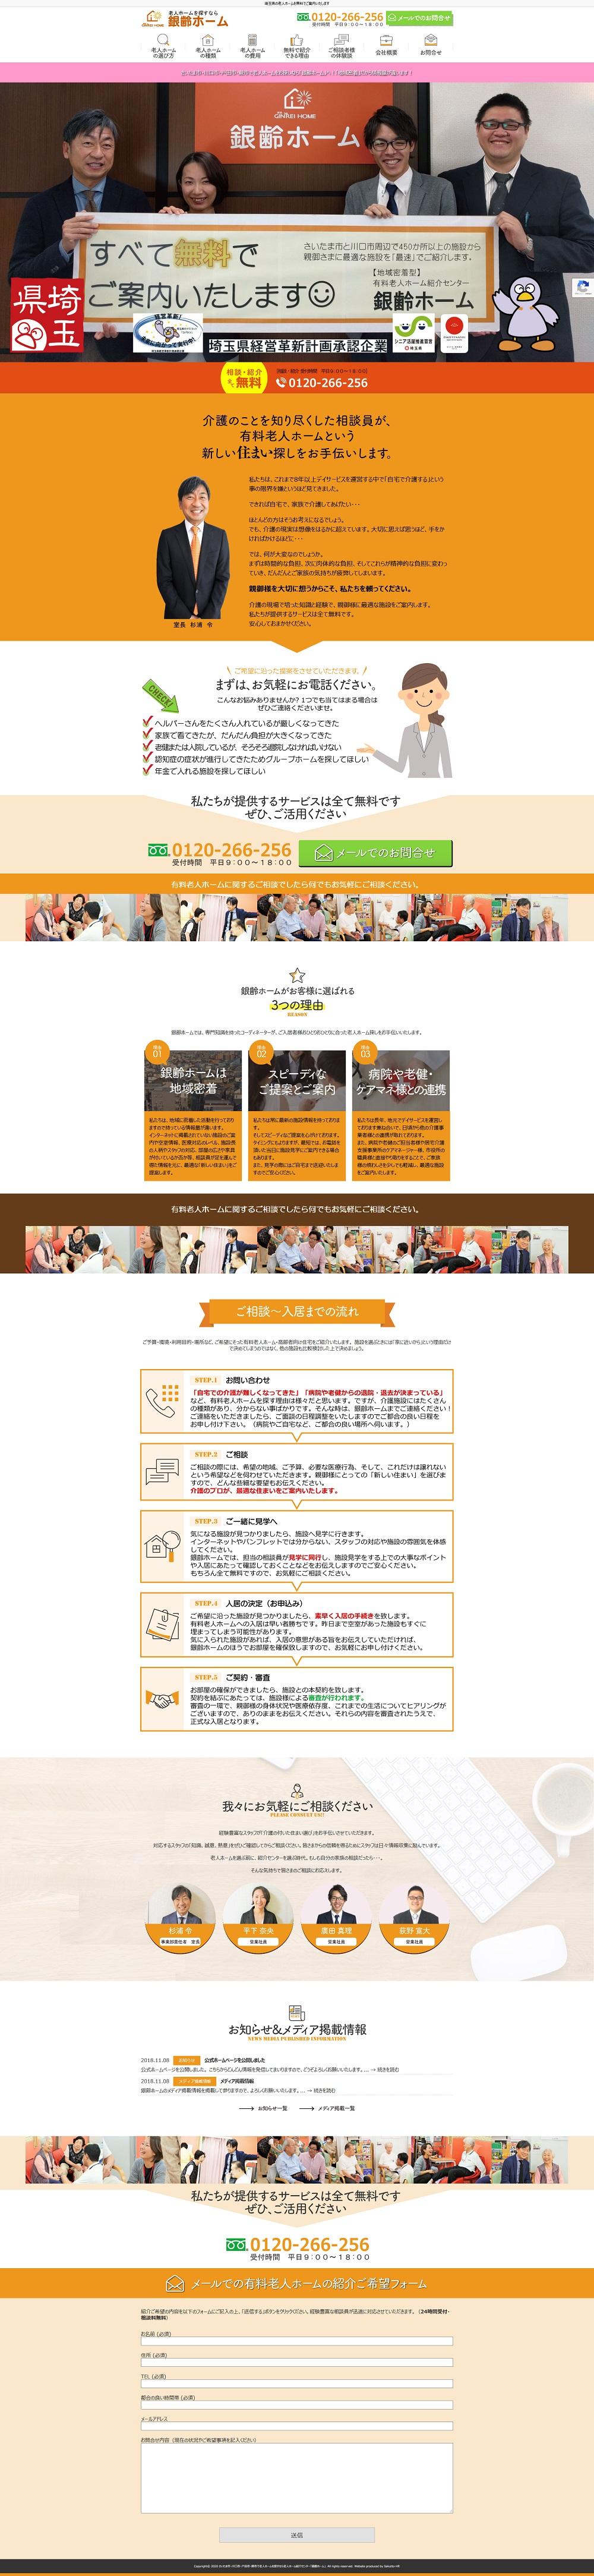 この度、ホームページ作成|東京|さくっとホームページ作成ではさいたま市・川口市・戸田市・蕨市で老人ホームを無料でご案内している「銀齢ホーム様の公式ホームページ」を作成し、2018年11月8日に一般公開を開始しました。